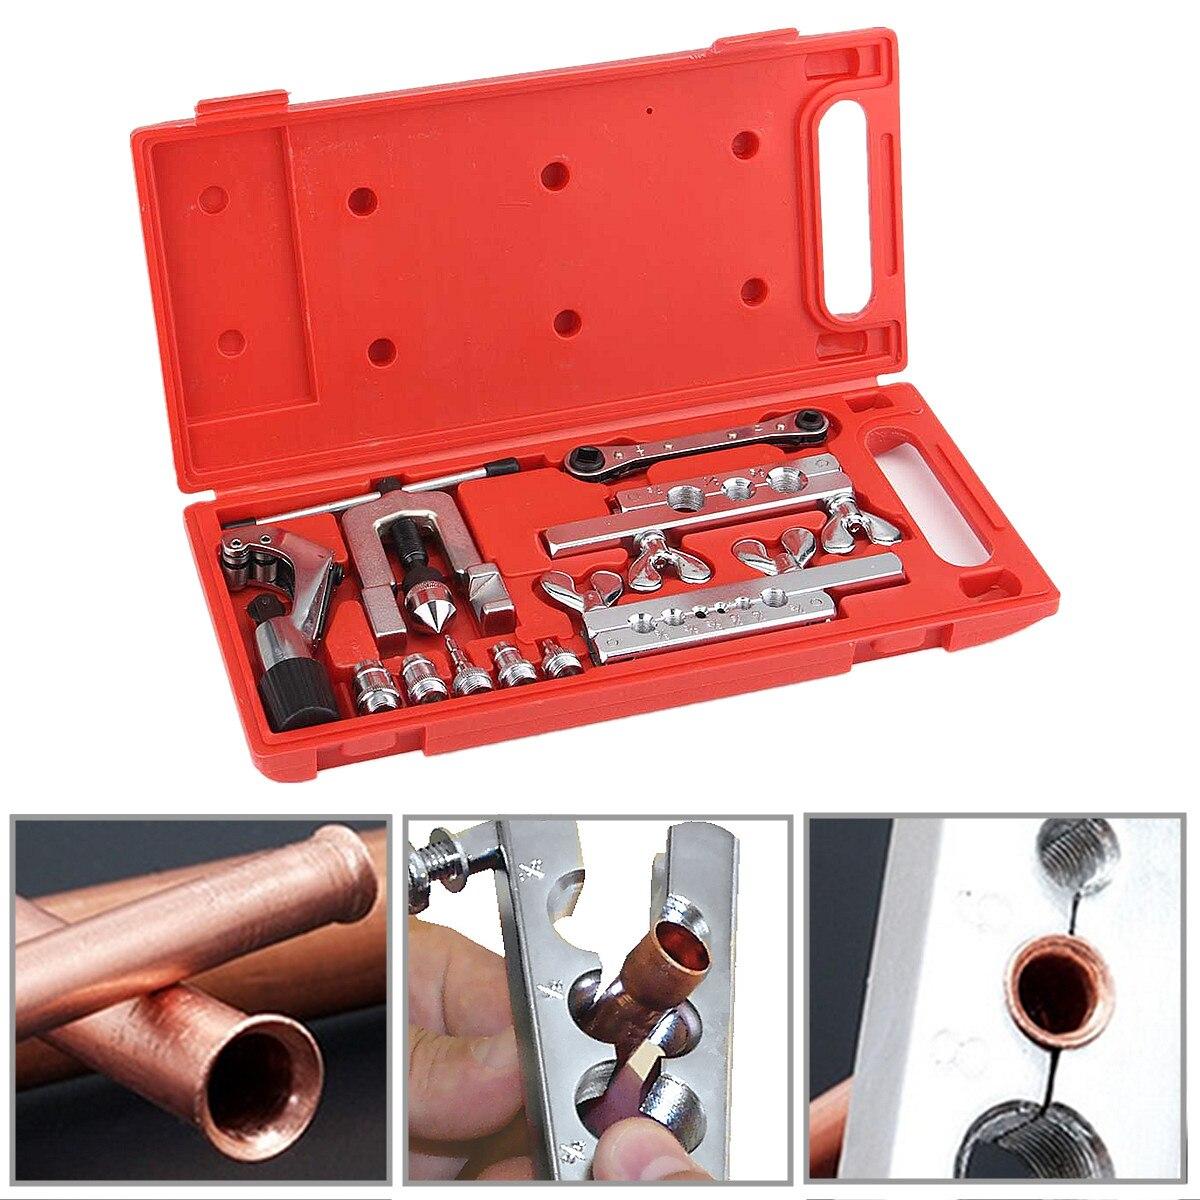 Jeu d'outils de balancement de torchage ensemble d'outils de réfrigération de réparation de tuyau de coupe de Tube W/Case ensembles d'outils à main 38x17.5x4 cm